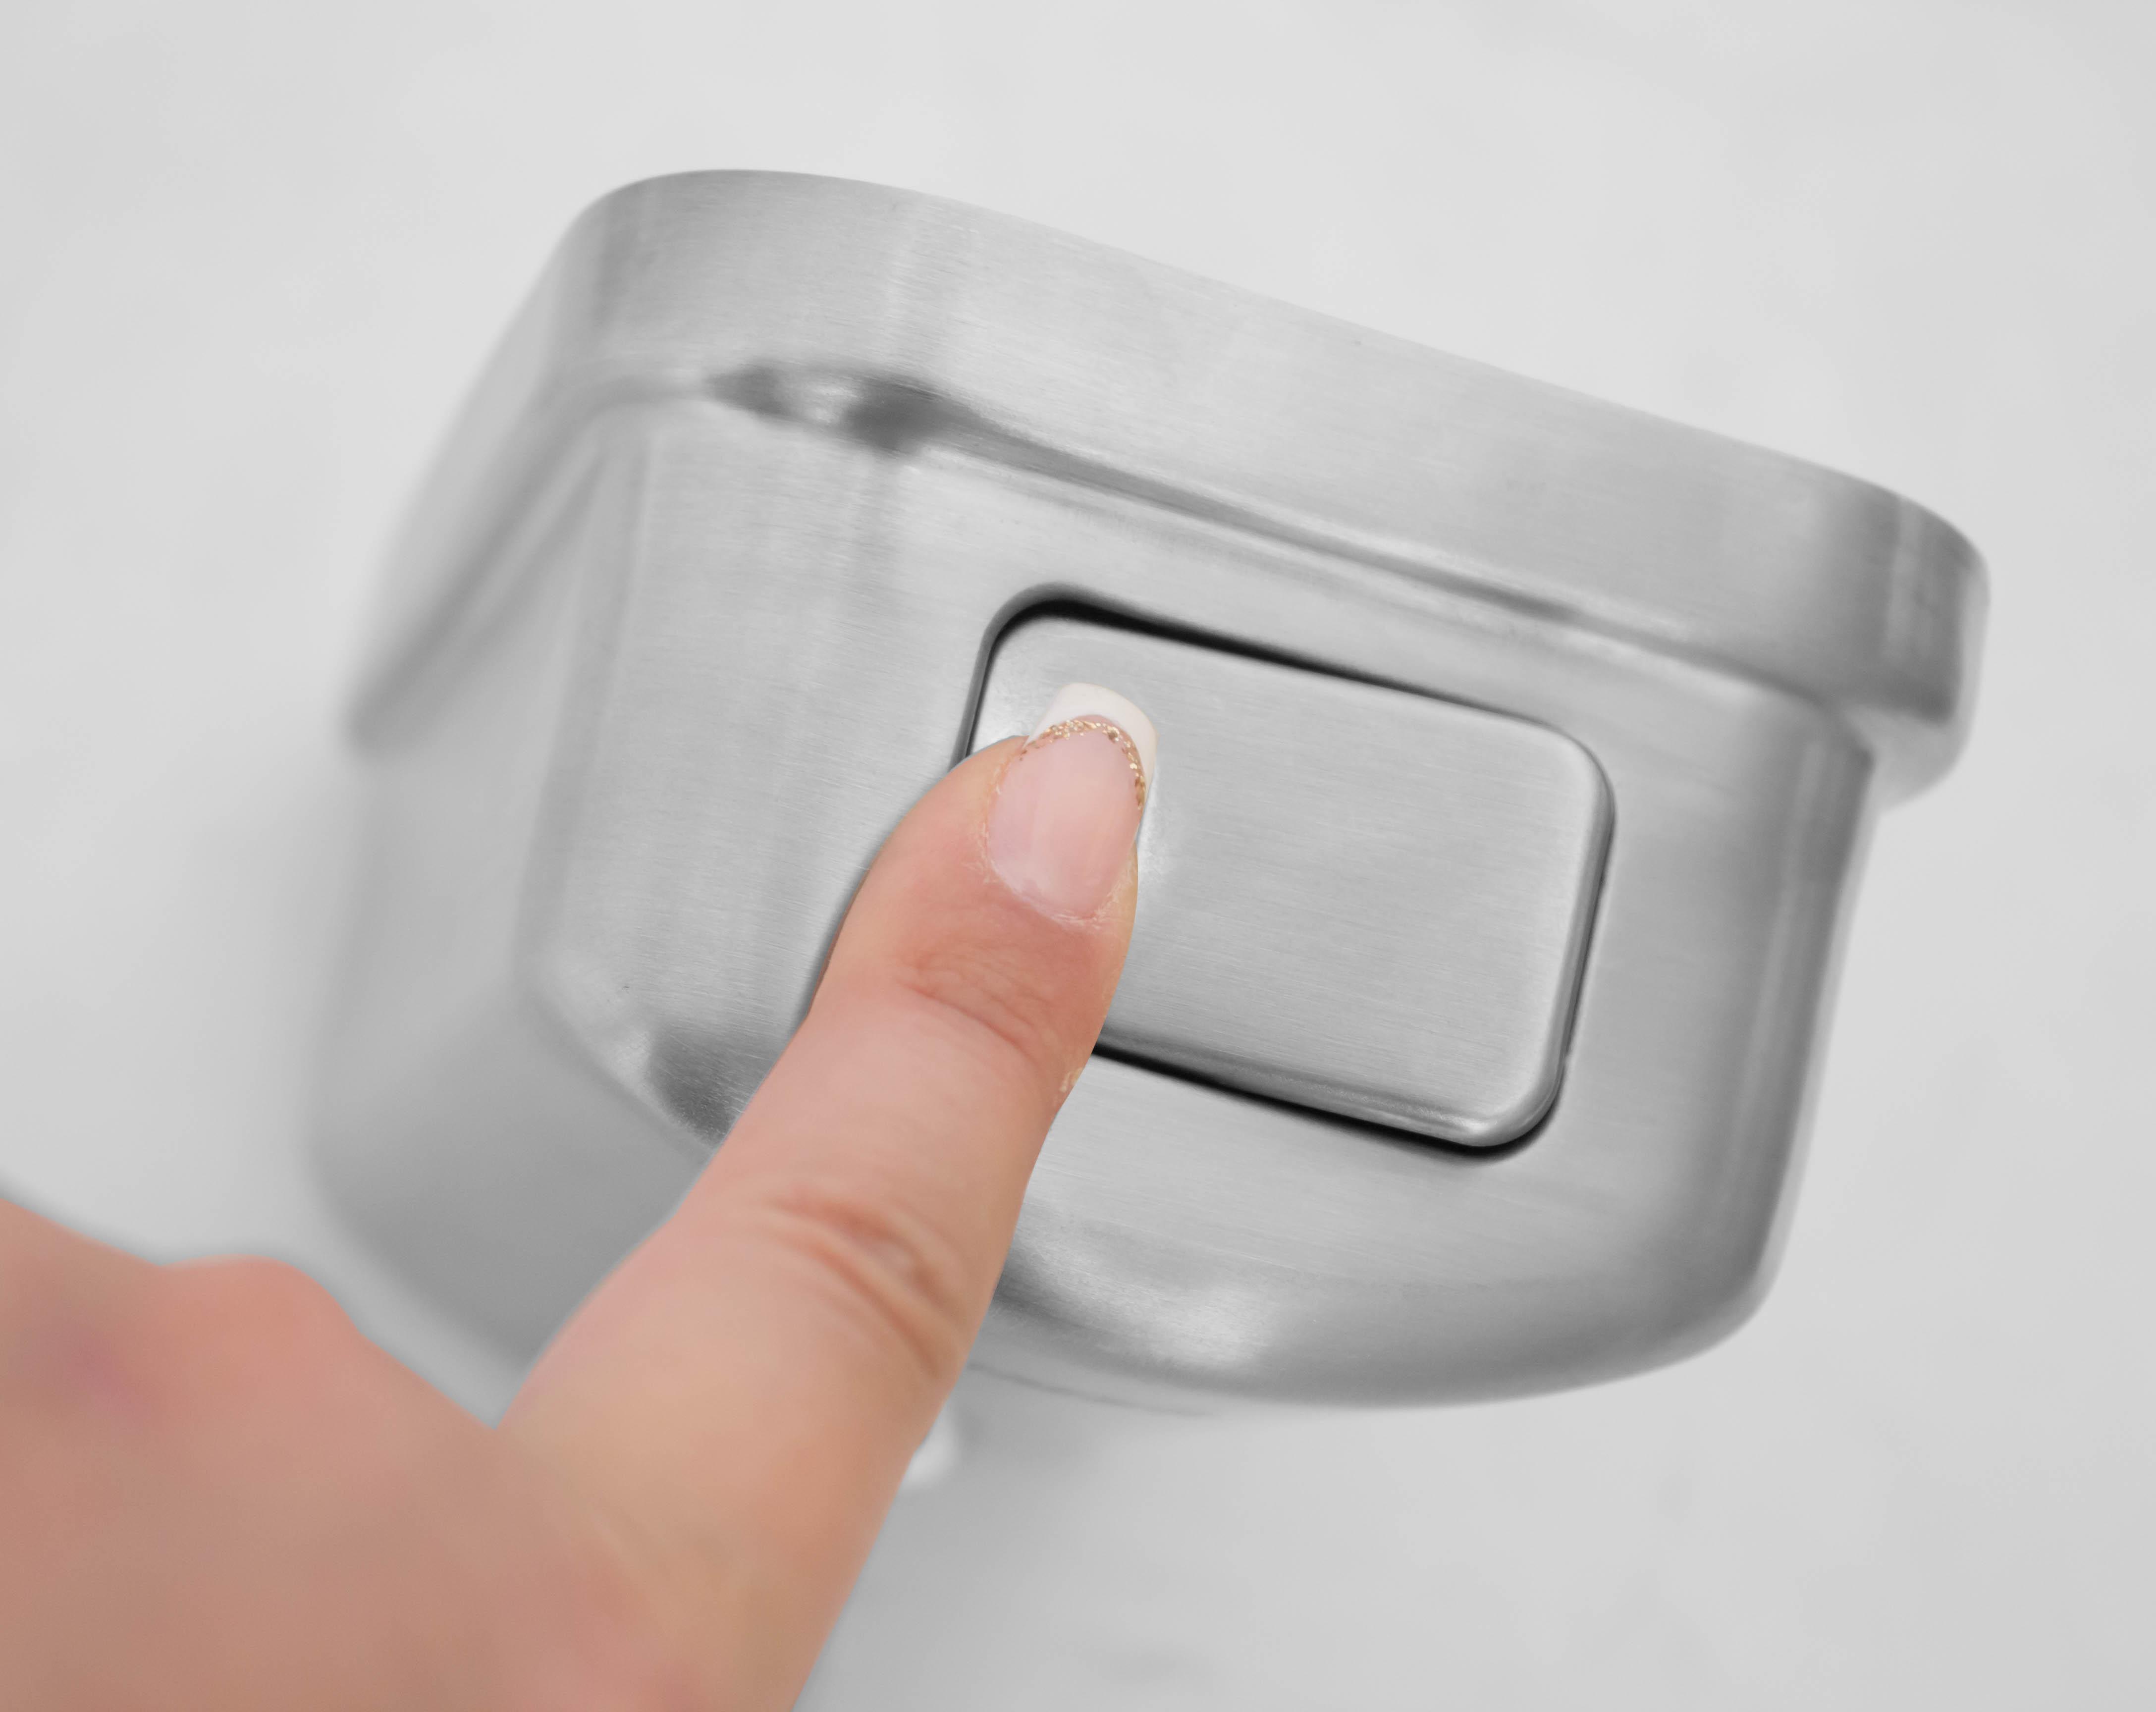 باز کردن درب مخزن مایع استیل